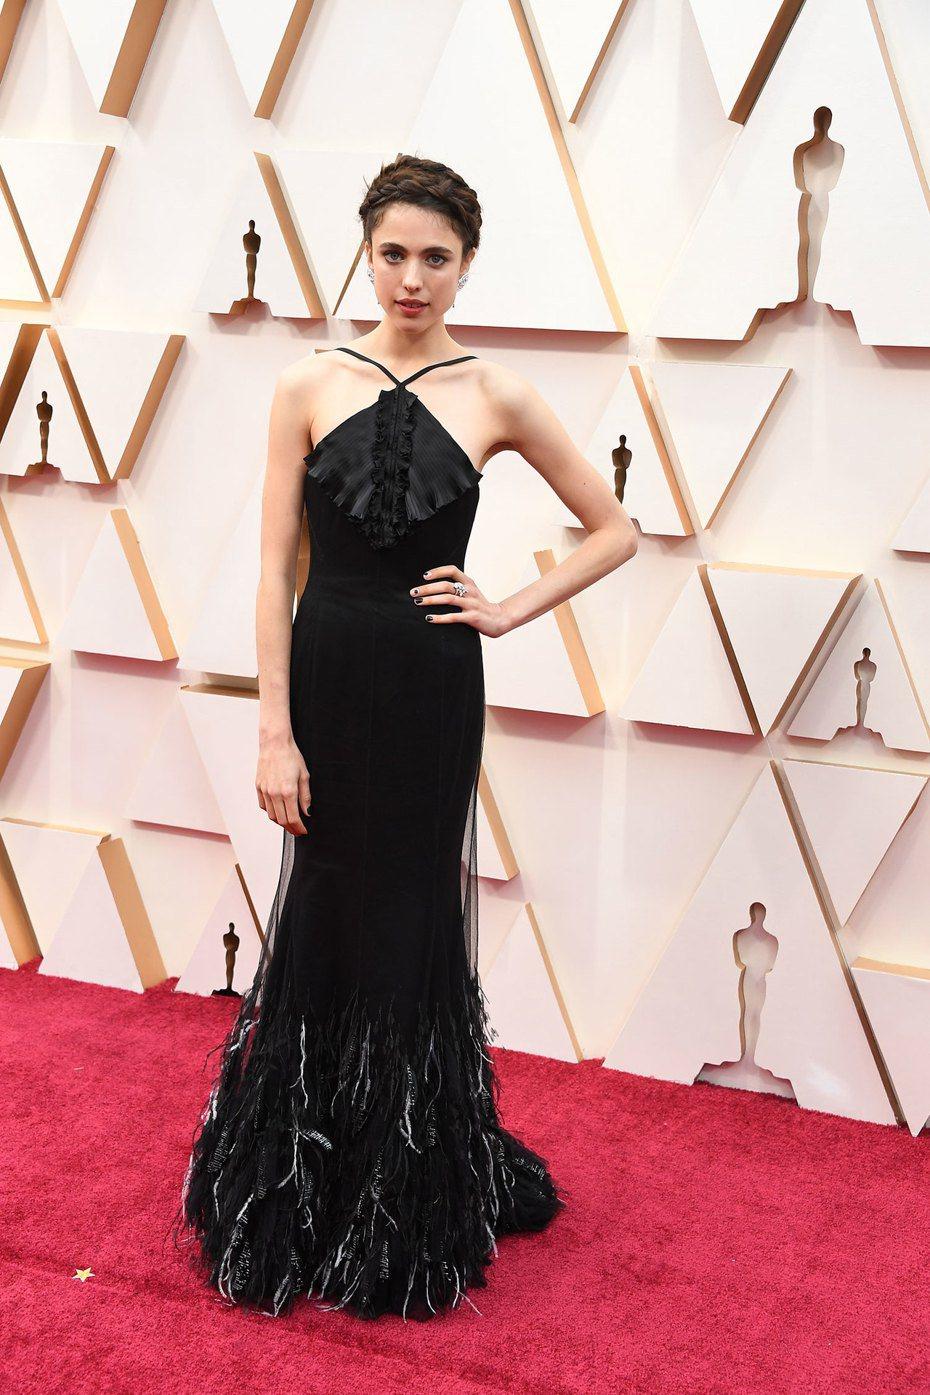 星二代的瑪格麗特庫利(Margaret Qualley),因演出「從前,有個好萊塢」受到多方關注,並在紅毯時配戴了CHANEL珠寶。圖╱CHANEL提供。